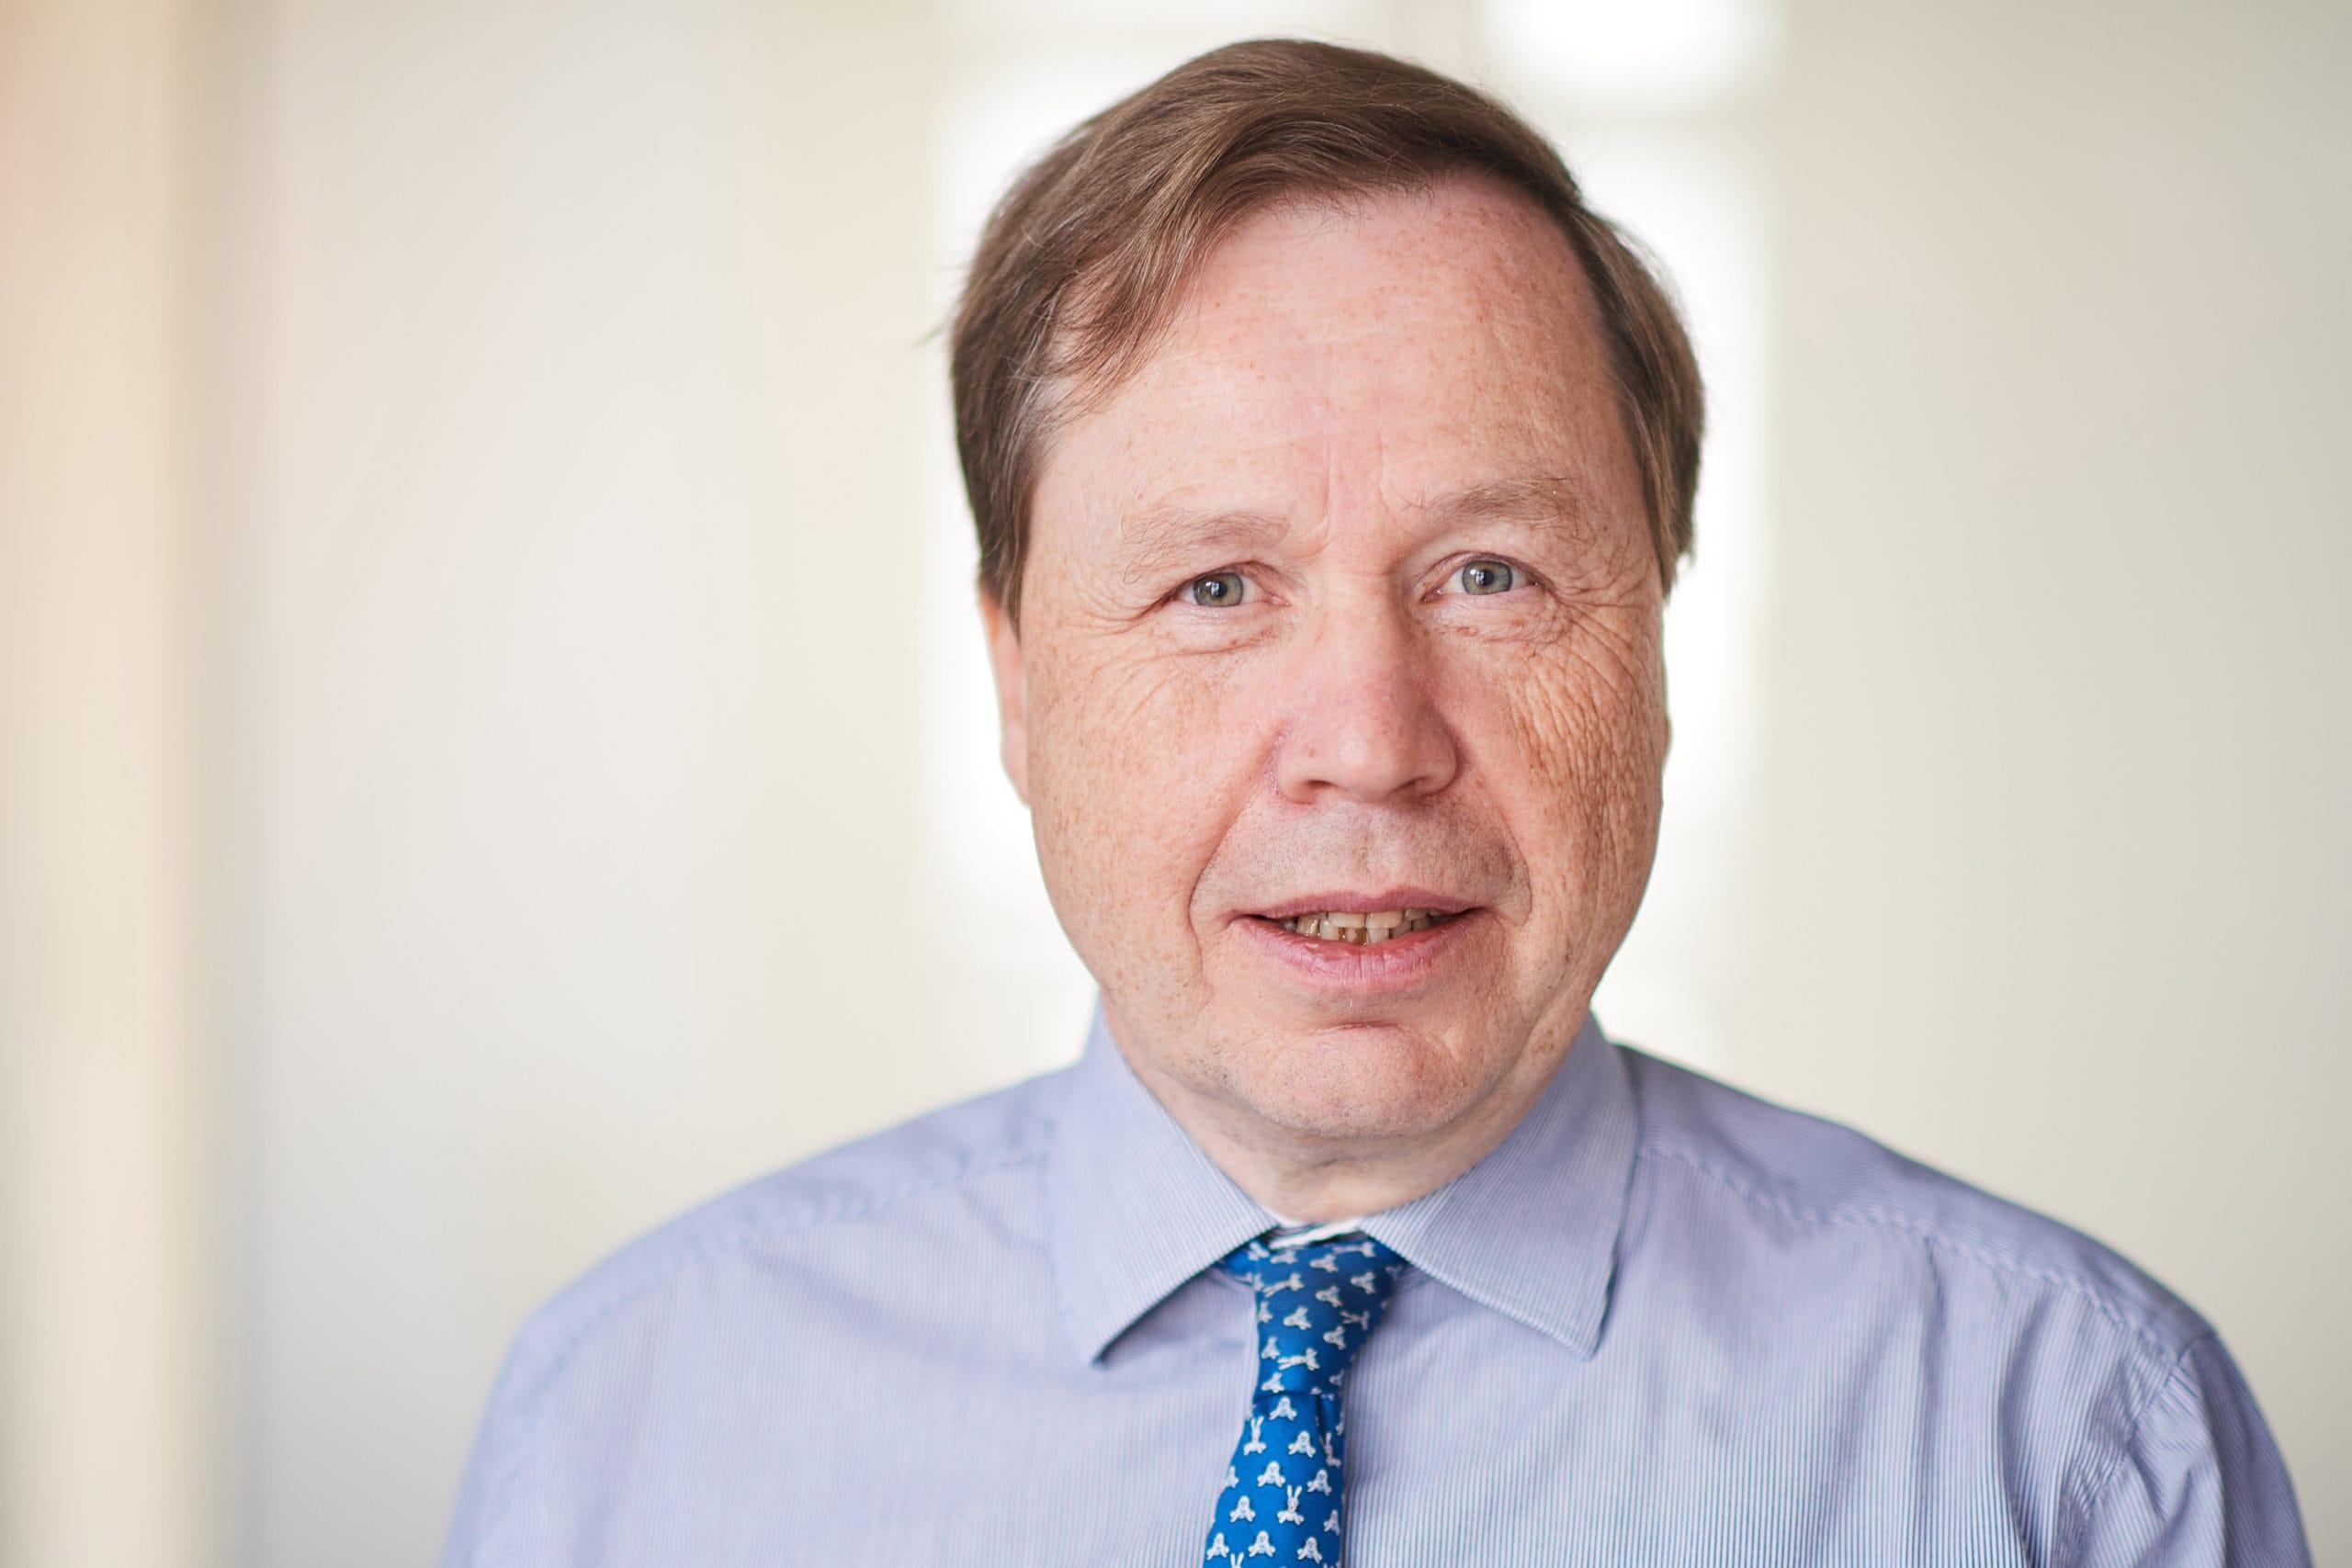 Portrait de Guy VELDEKENS, Avocat counsel - DALDEWOLF